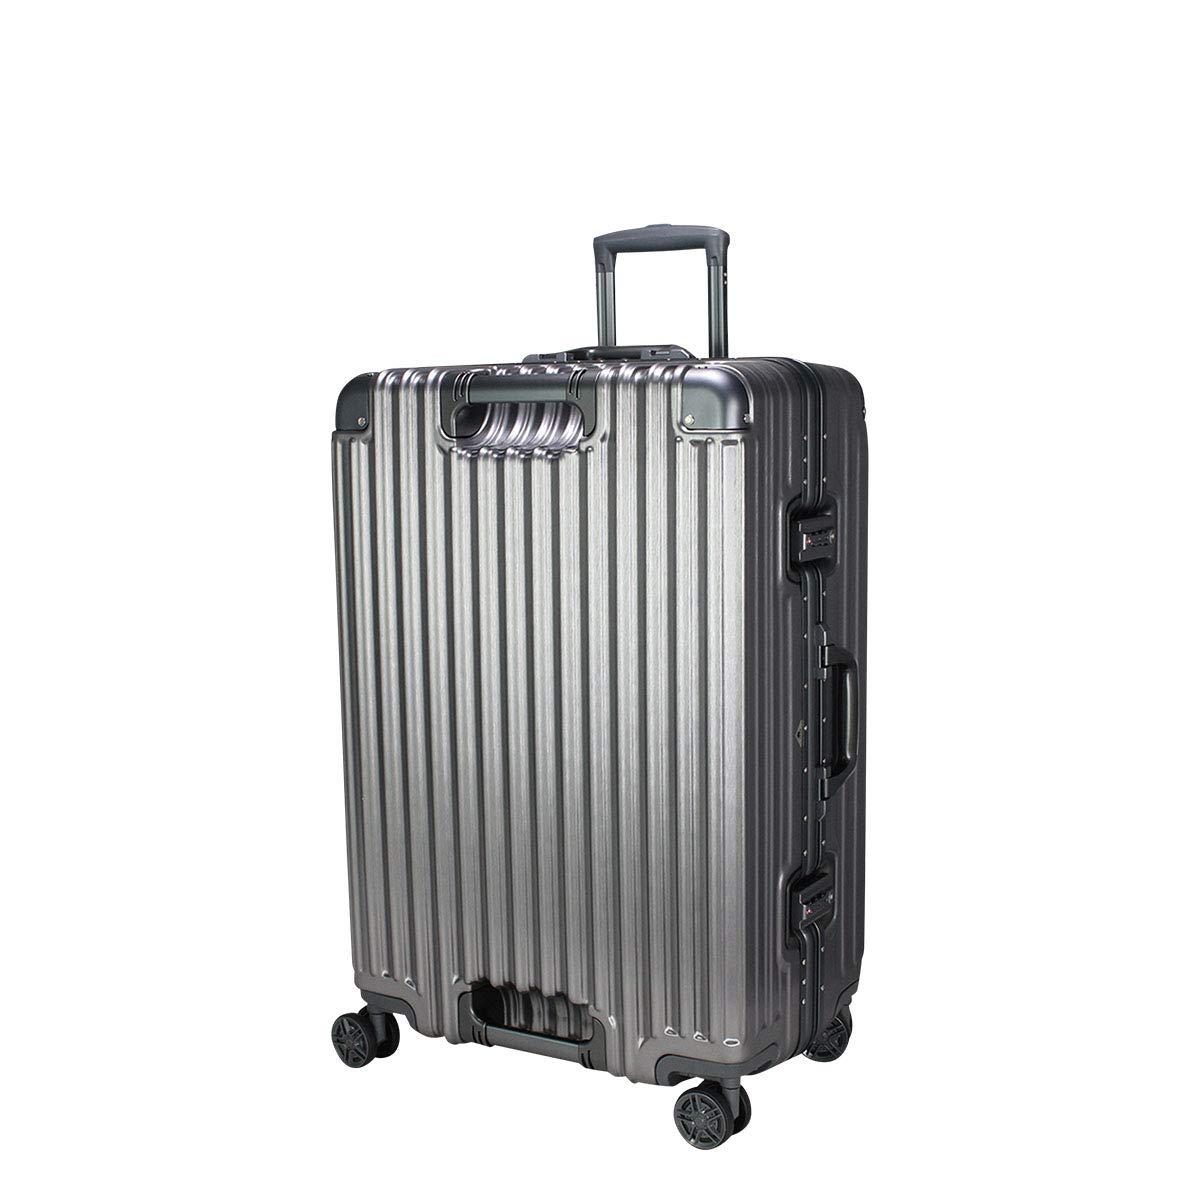 [シフレ] スーツケース トライデント 85L 67cm 5.9kg TRI1102-67 B07NSS9DMP チタン/チタン